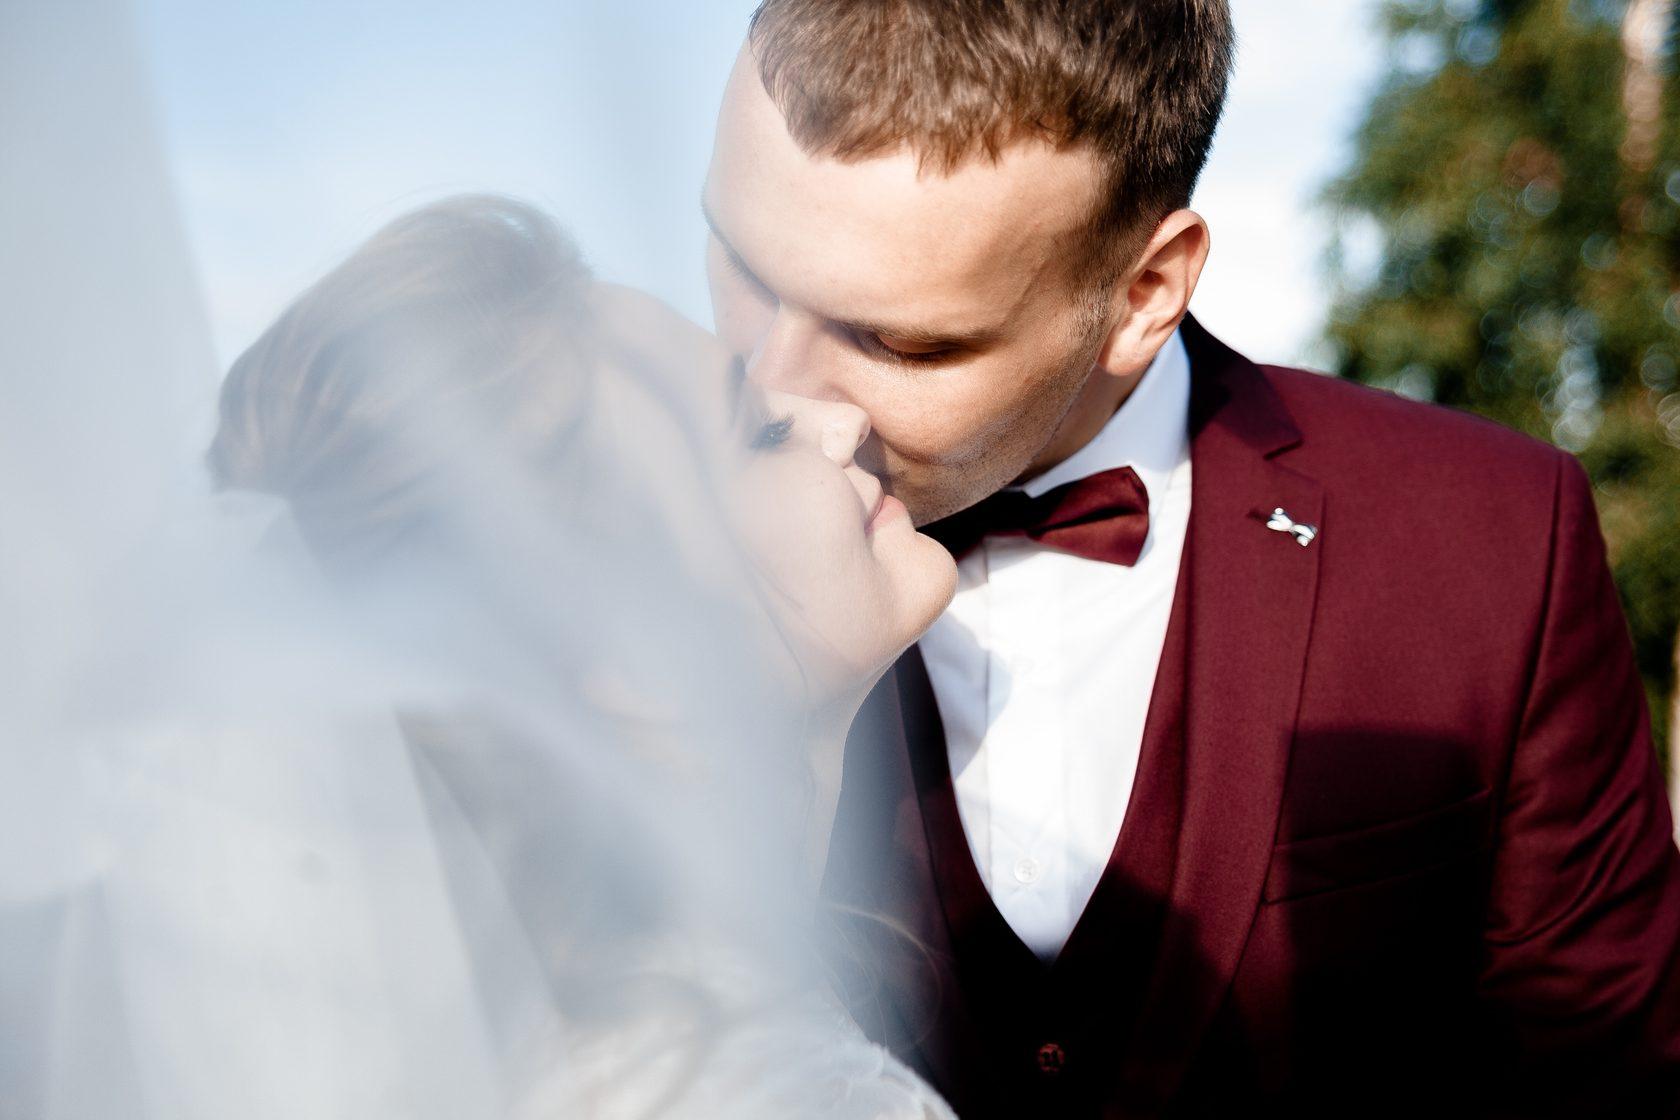 фотографы петрозаводск на свадьбу образом, пол